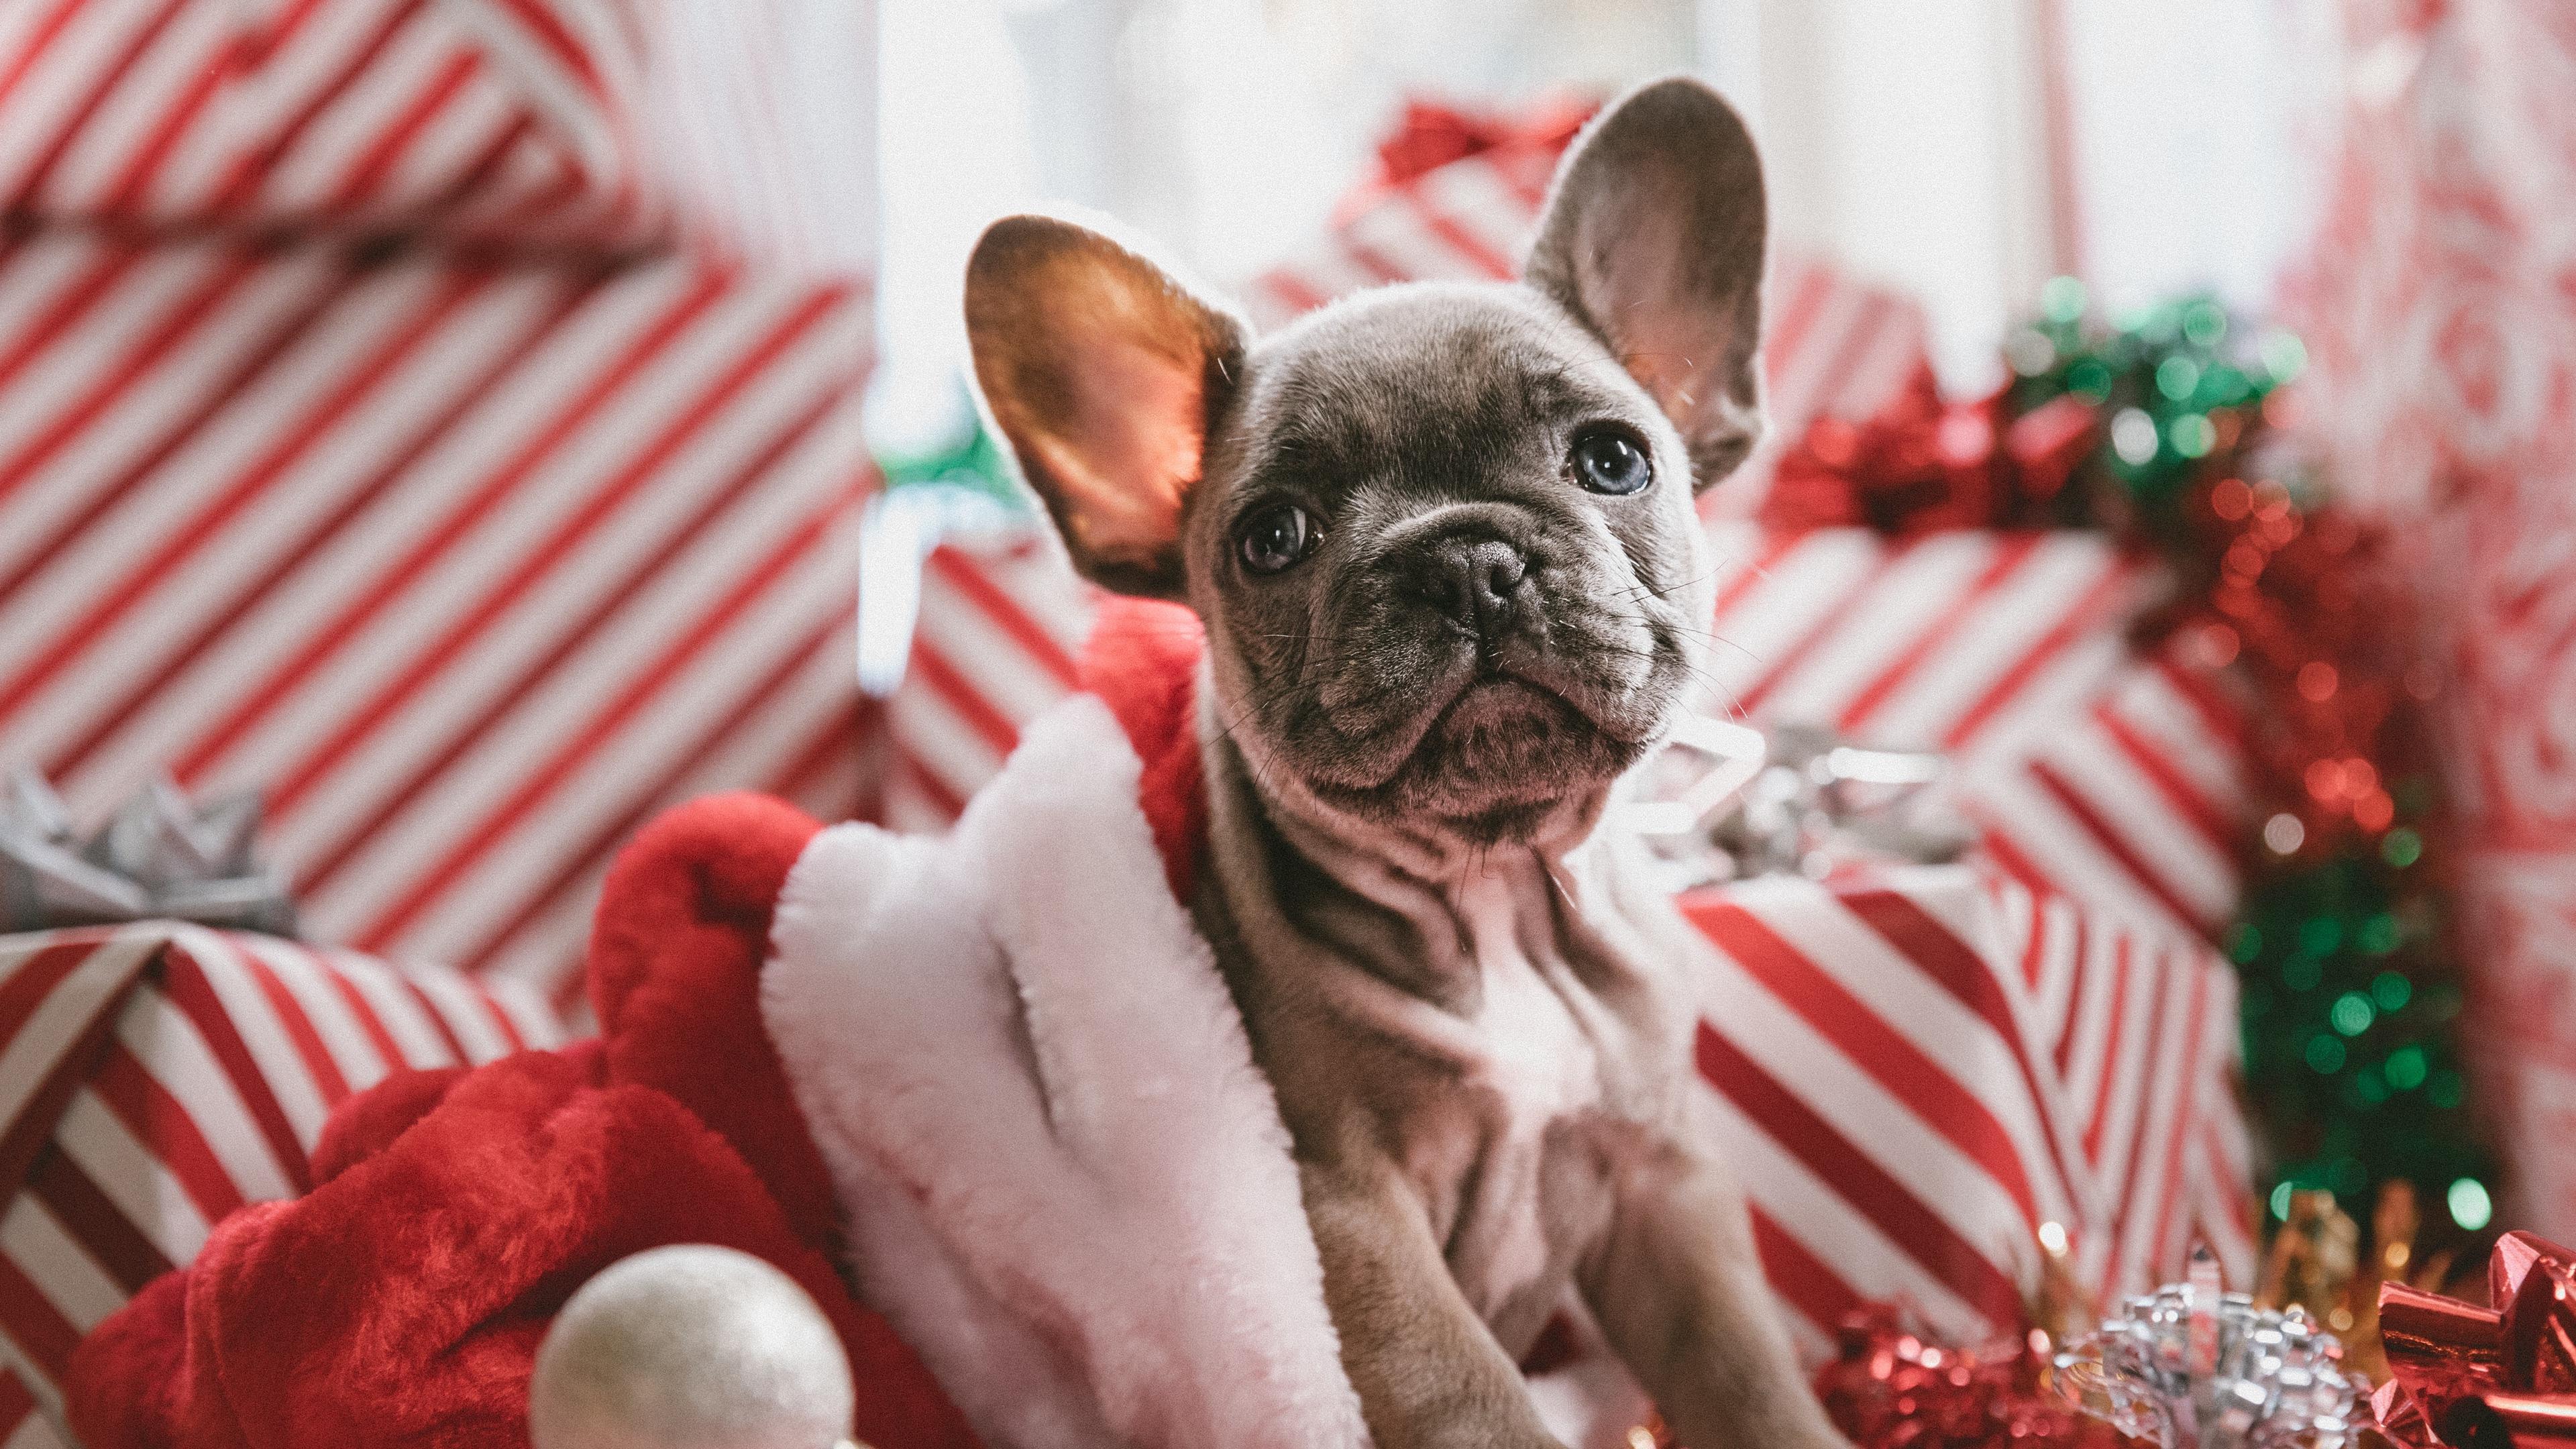 dog puppy new year 4k 1542242789 - dog, puppy, new year 4k - Puppy, new year, Dog